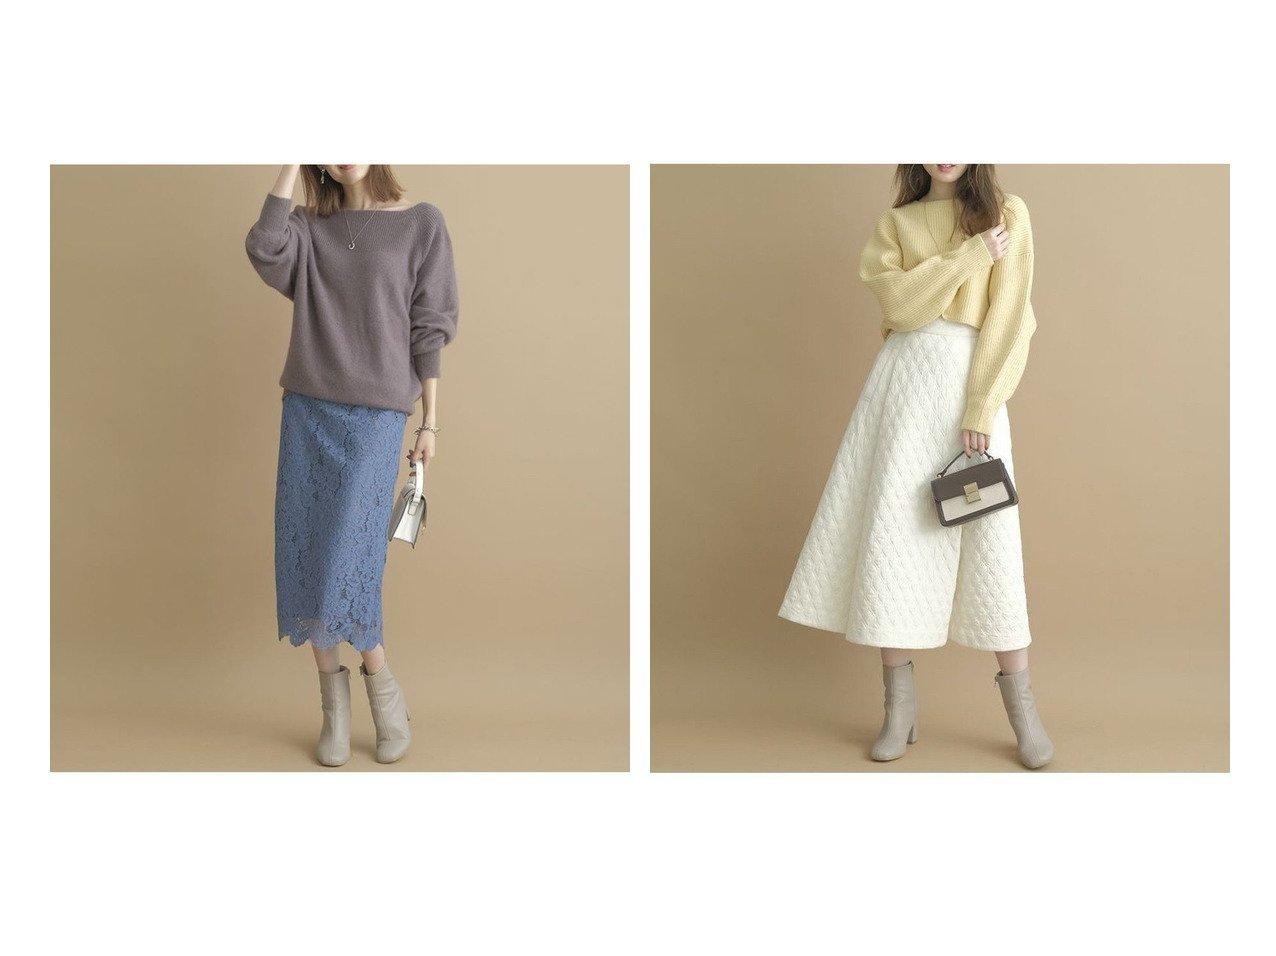 【Apuweiser-riche/アプワイザーリッシェ】のカラーコードレースタイトスカート&キルティングフレアスカート 【スカート】おすすめ!人気、トレンド・レディースファッションの通販 おすすめで人気の流行・トレンド、ファッションの通販商品 インテリア・家具・メンズファッション・キッズファッション・レディースファッション・服の通販 founy(ファニー) https://founy.com/ ファッション Fashion レディースファッション WOMEN スカート Skirt Aライン/フレアスカート Flared A-Line Skirts NEW・新作・新着・新入荷 New Arrivals キルティング ギャザー フレア モダン おすすめ Recommend スマート タイトスカート ダウン レース  ID:crp329100000074887